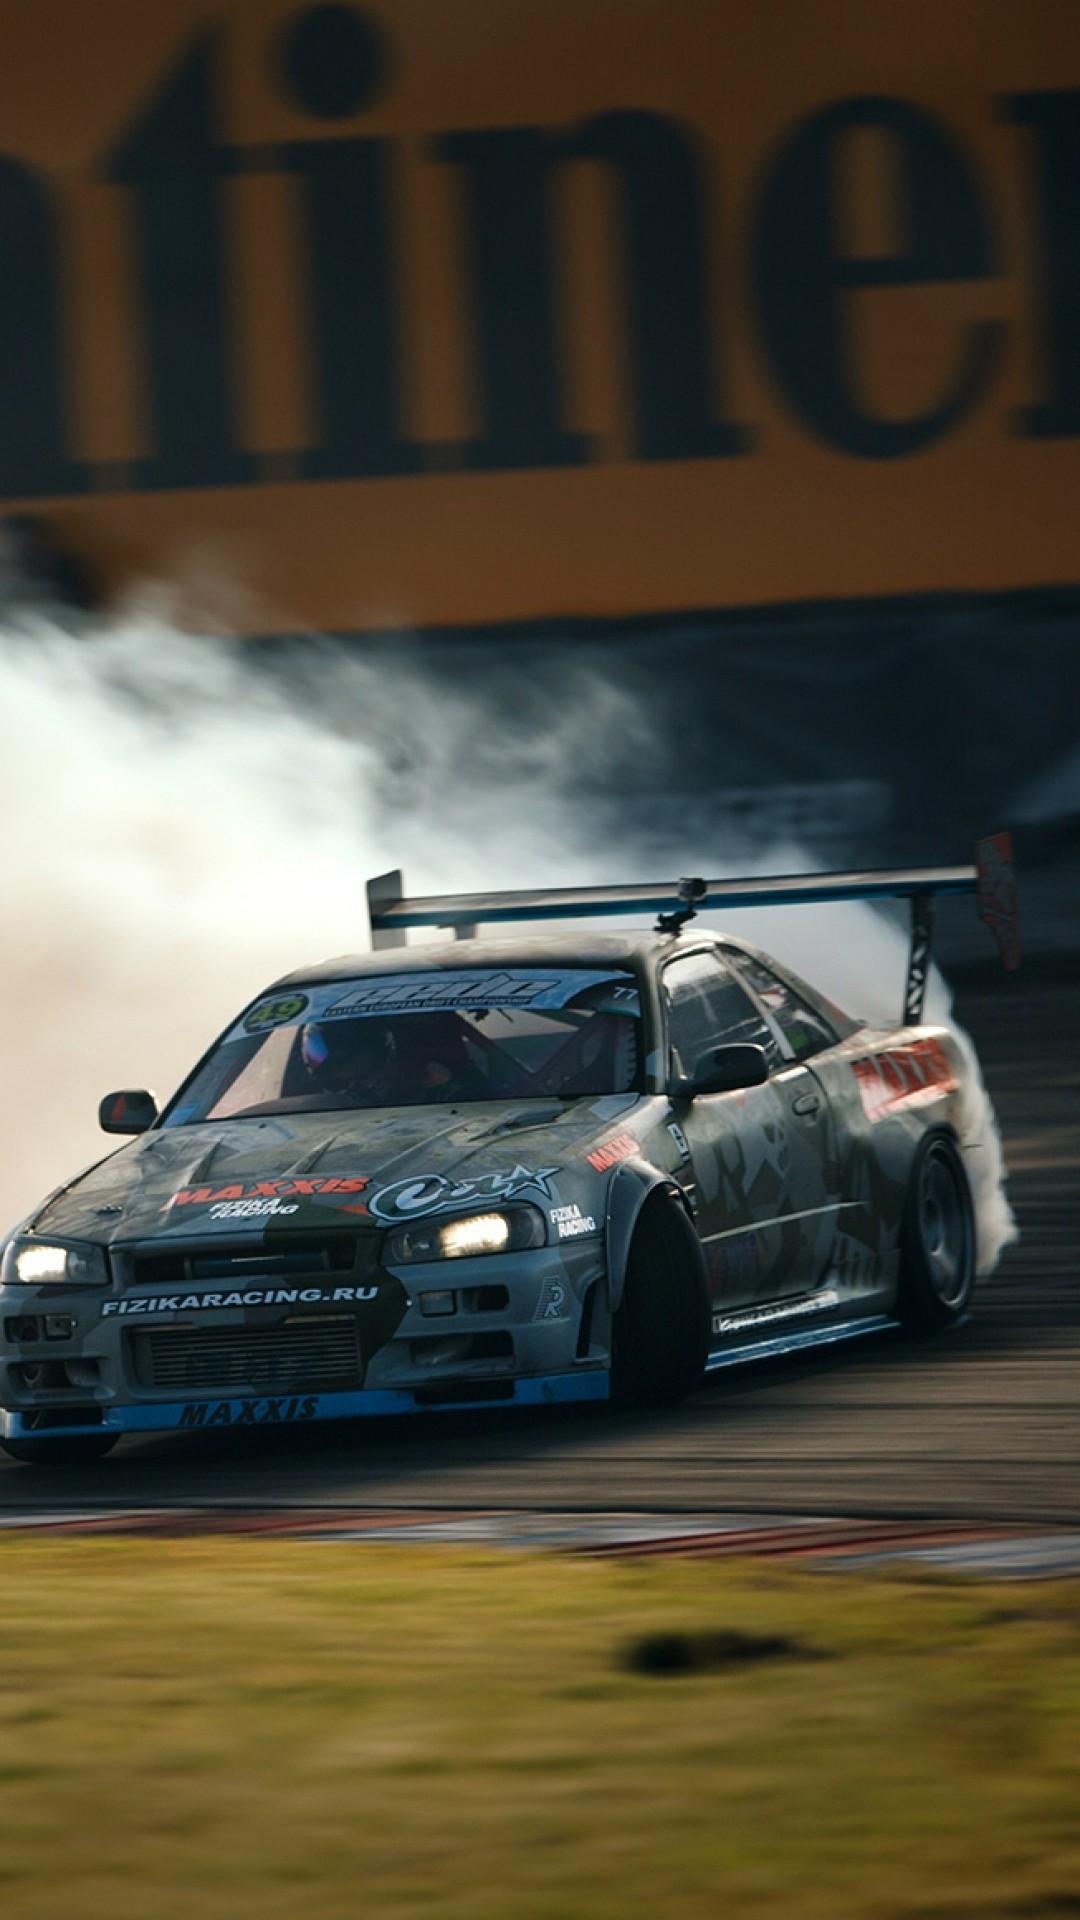 Nissan, S13, Skyline, Fail Crew, Drift Wallpapers HD ... |Nissan Skyline Drift Wallpaper